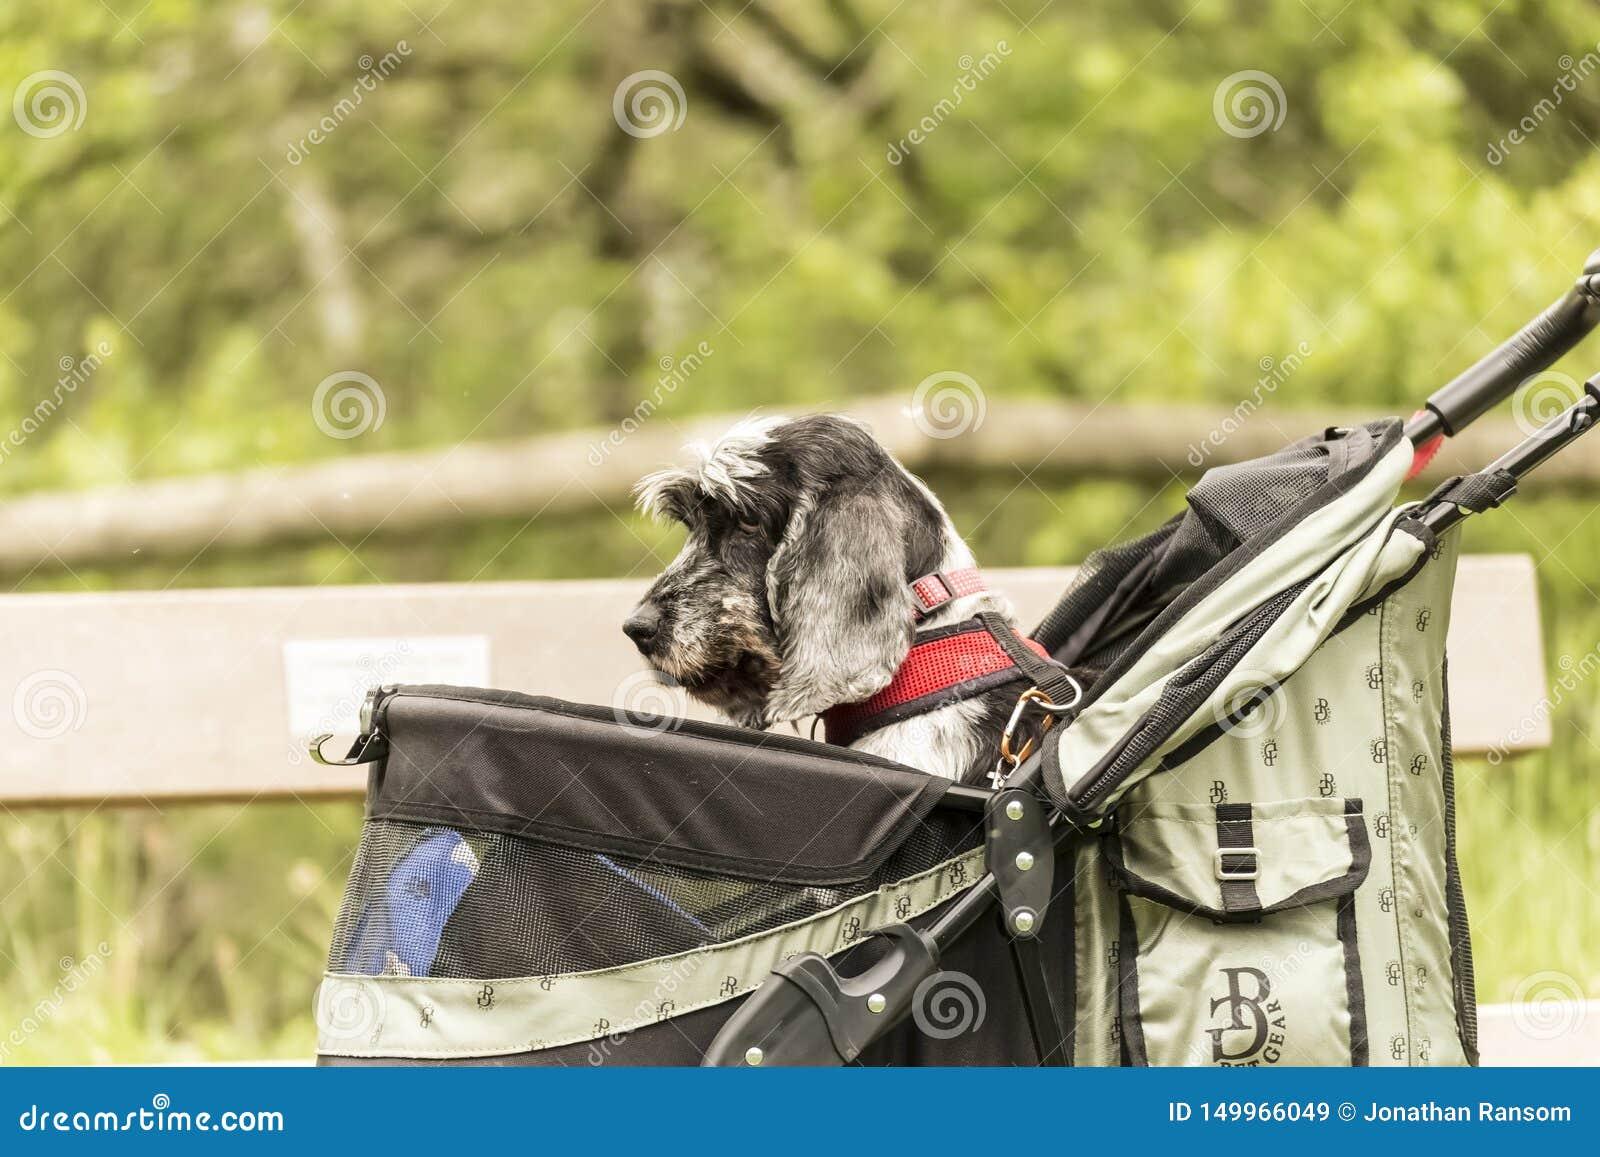 En hund i en älsklings- Pram som skjuts längs ett land, parkerar banan som ser ledsen